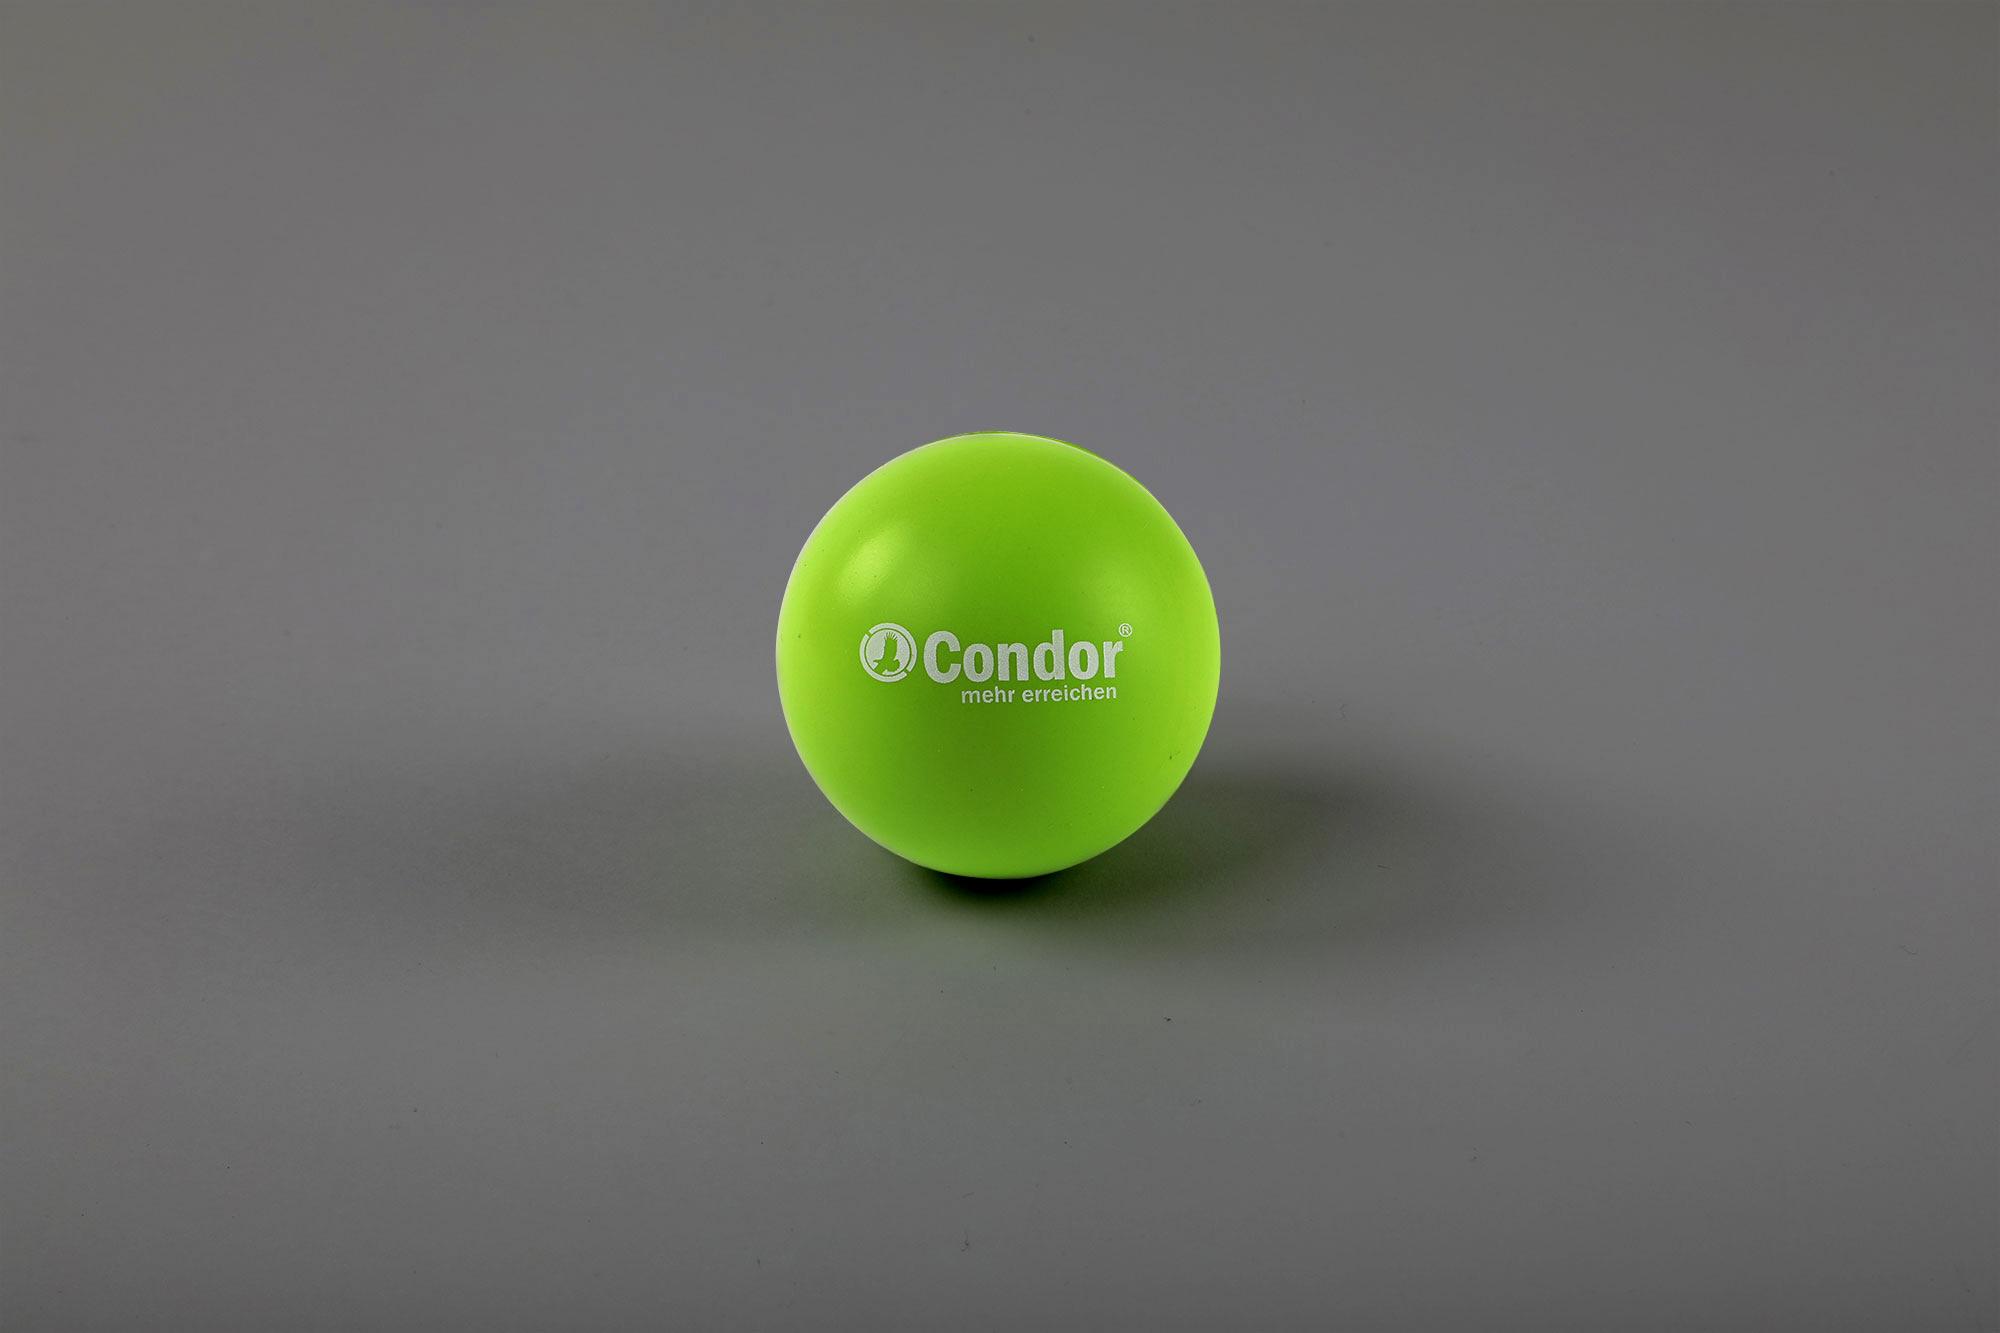 Hüppmeier Marketing und Design GmbH - Referenz - Condor Stressball